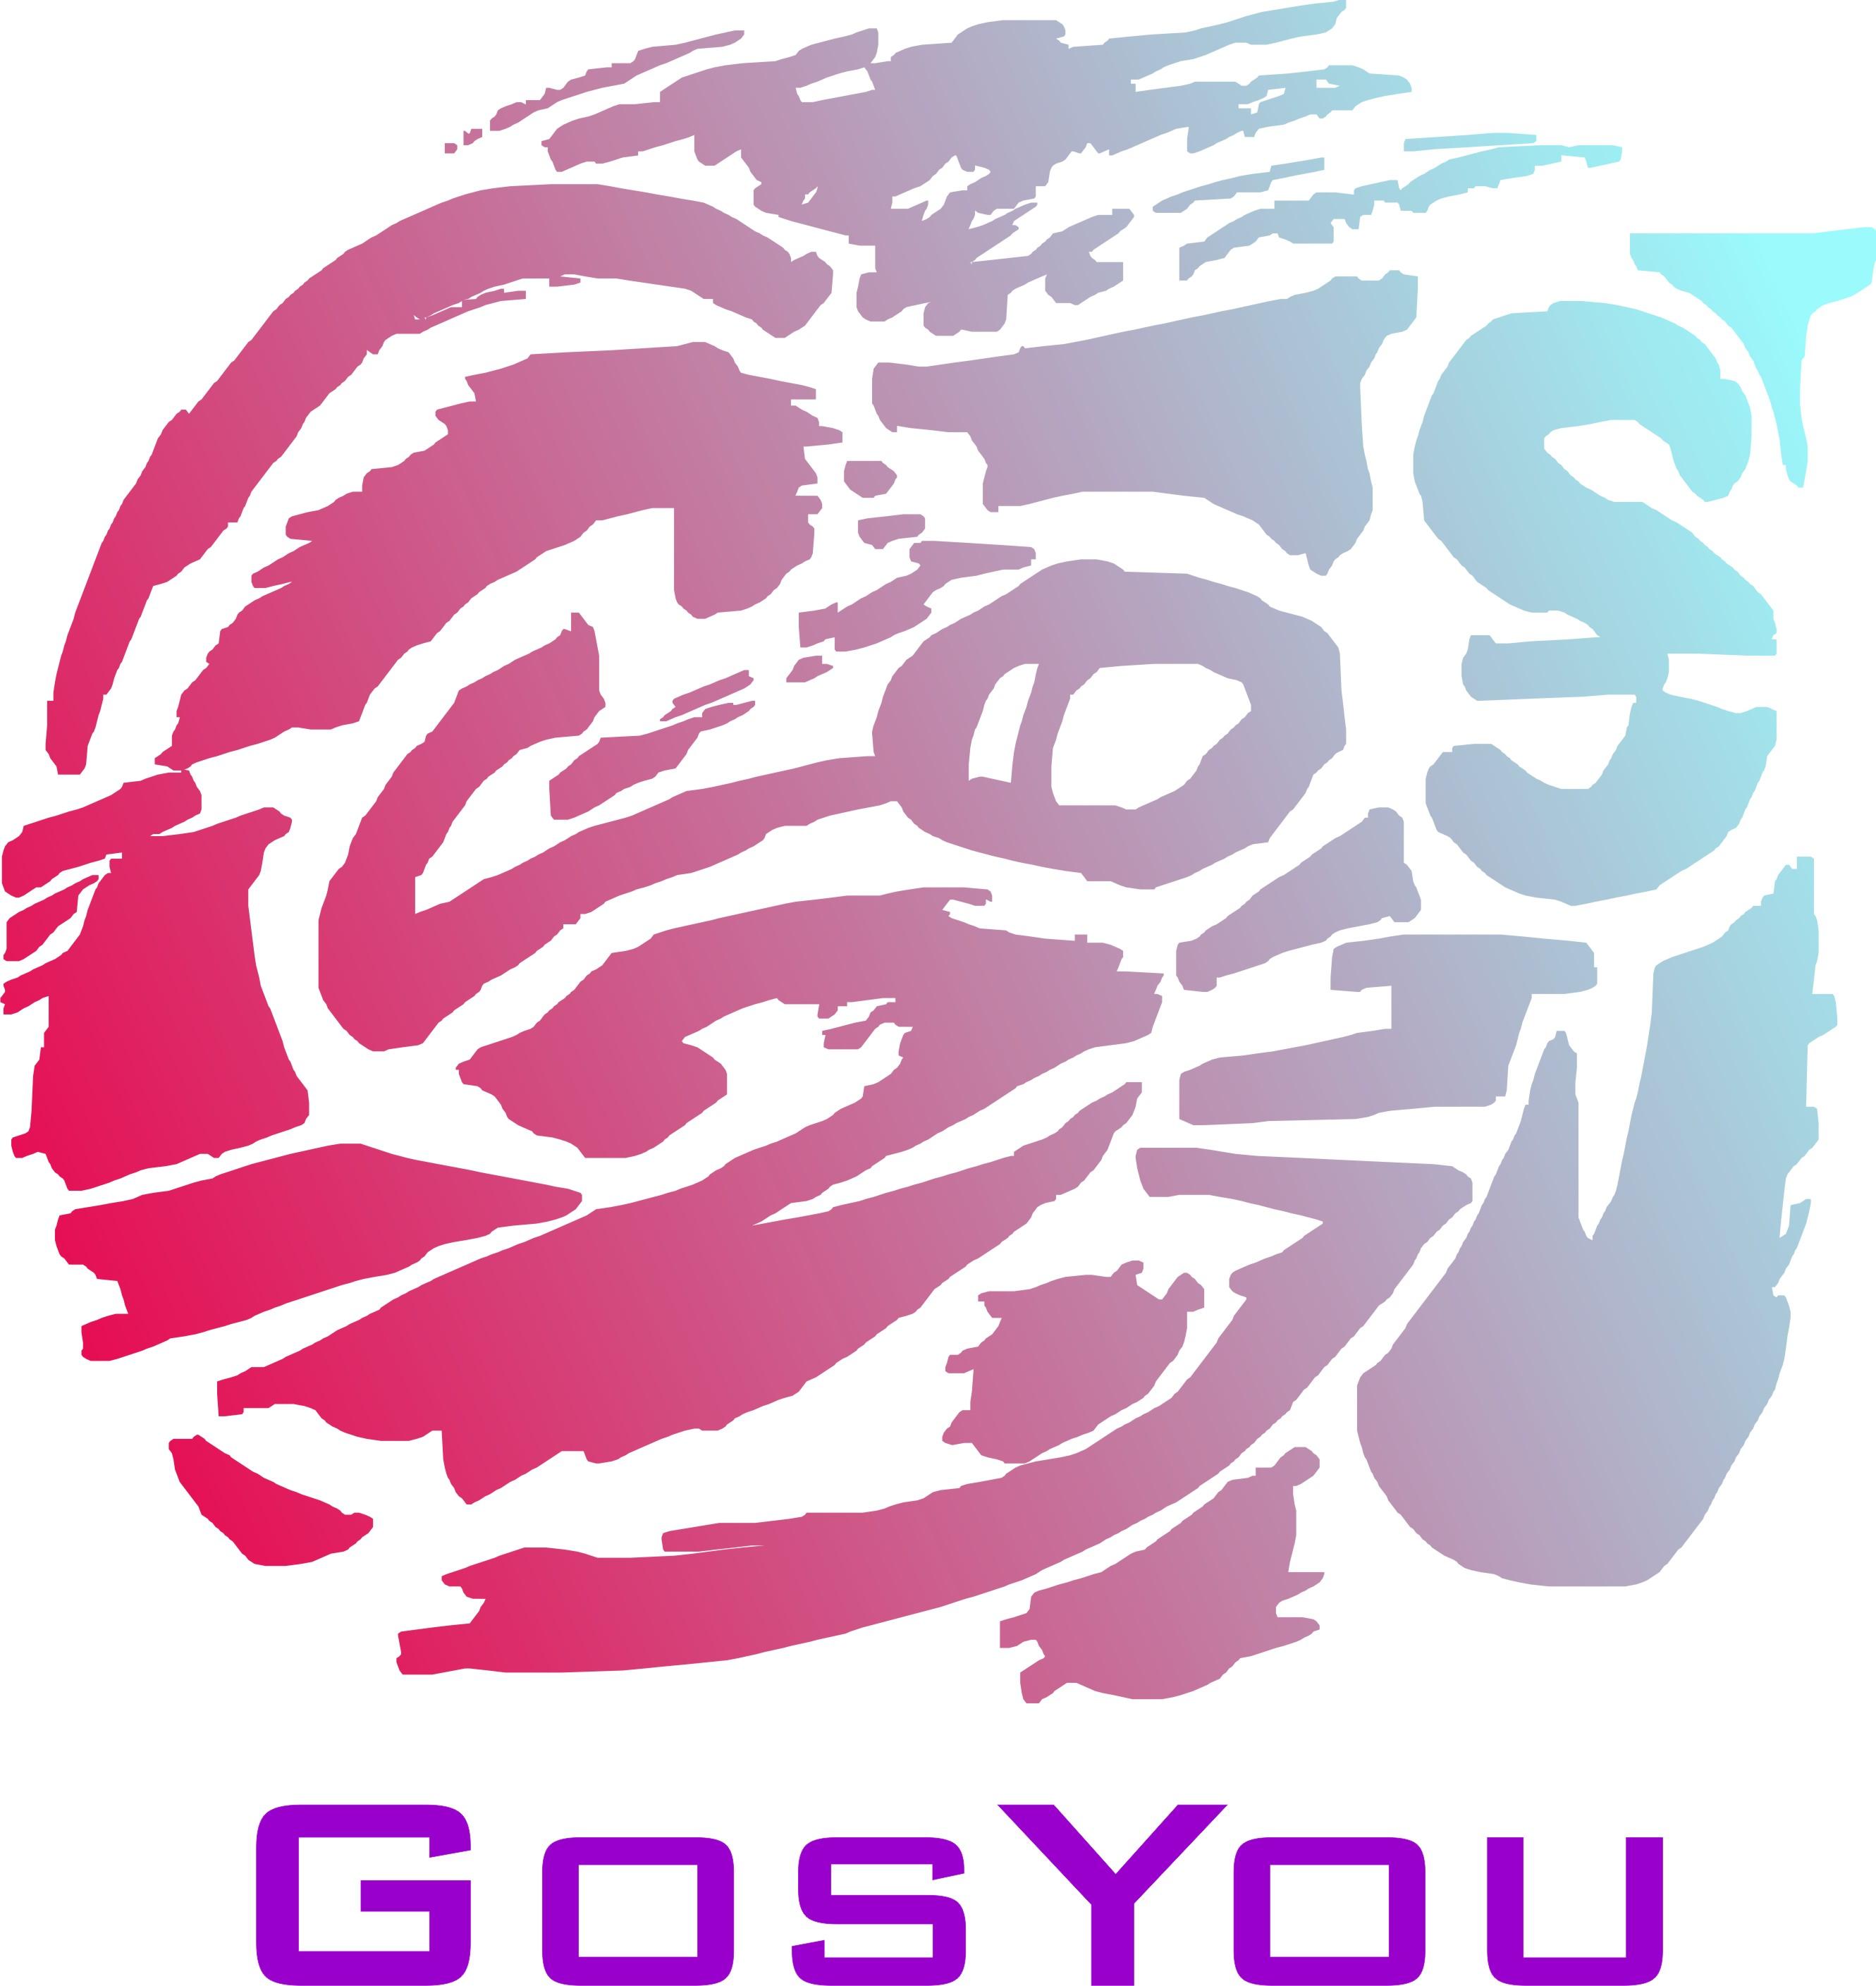 Логотип, фир. стиль и иконку для социальной сети GosYou фото f_50815f3528422.jpg